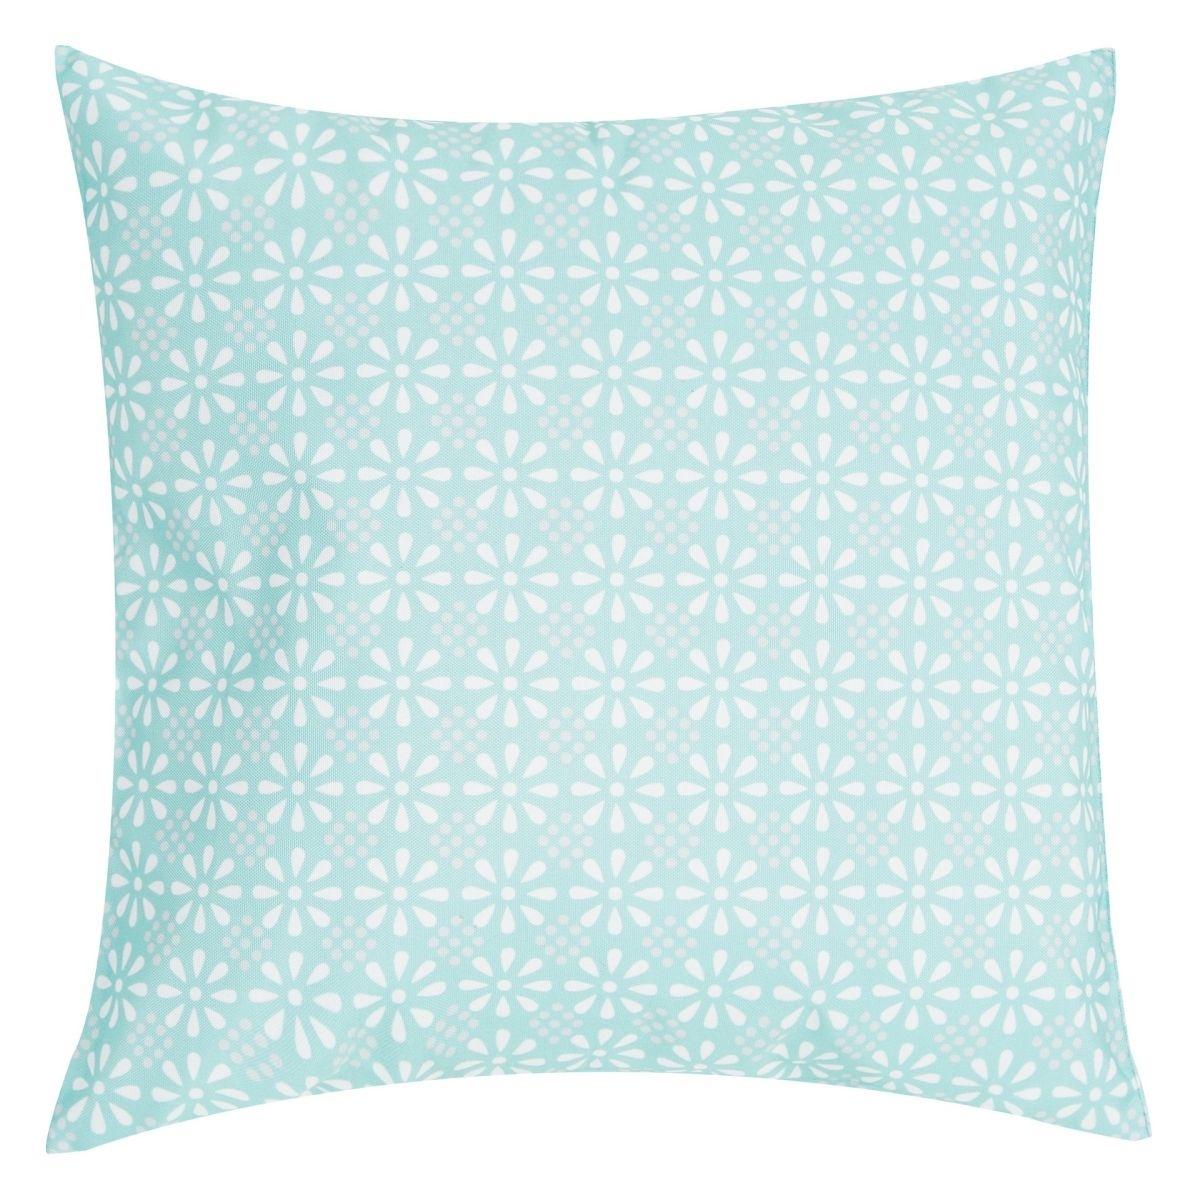 Poduszka z poszewką Daliate niebieska 47x47 cm